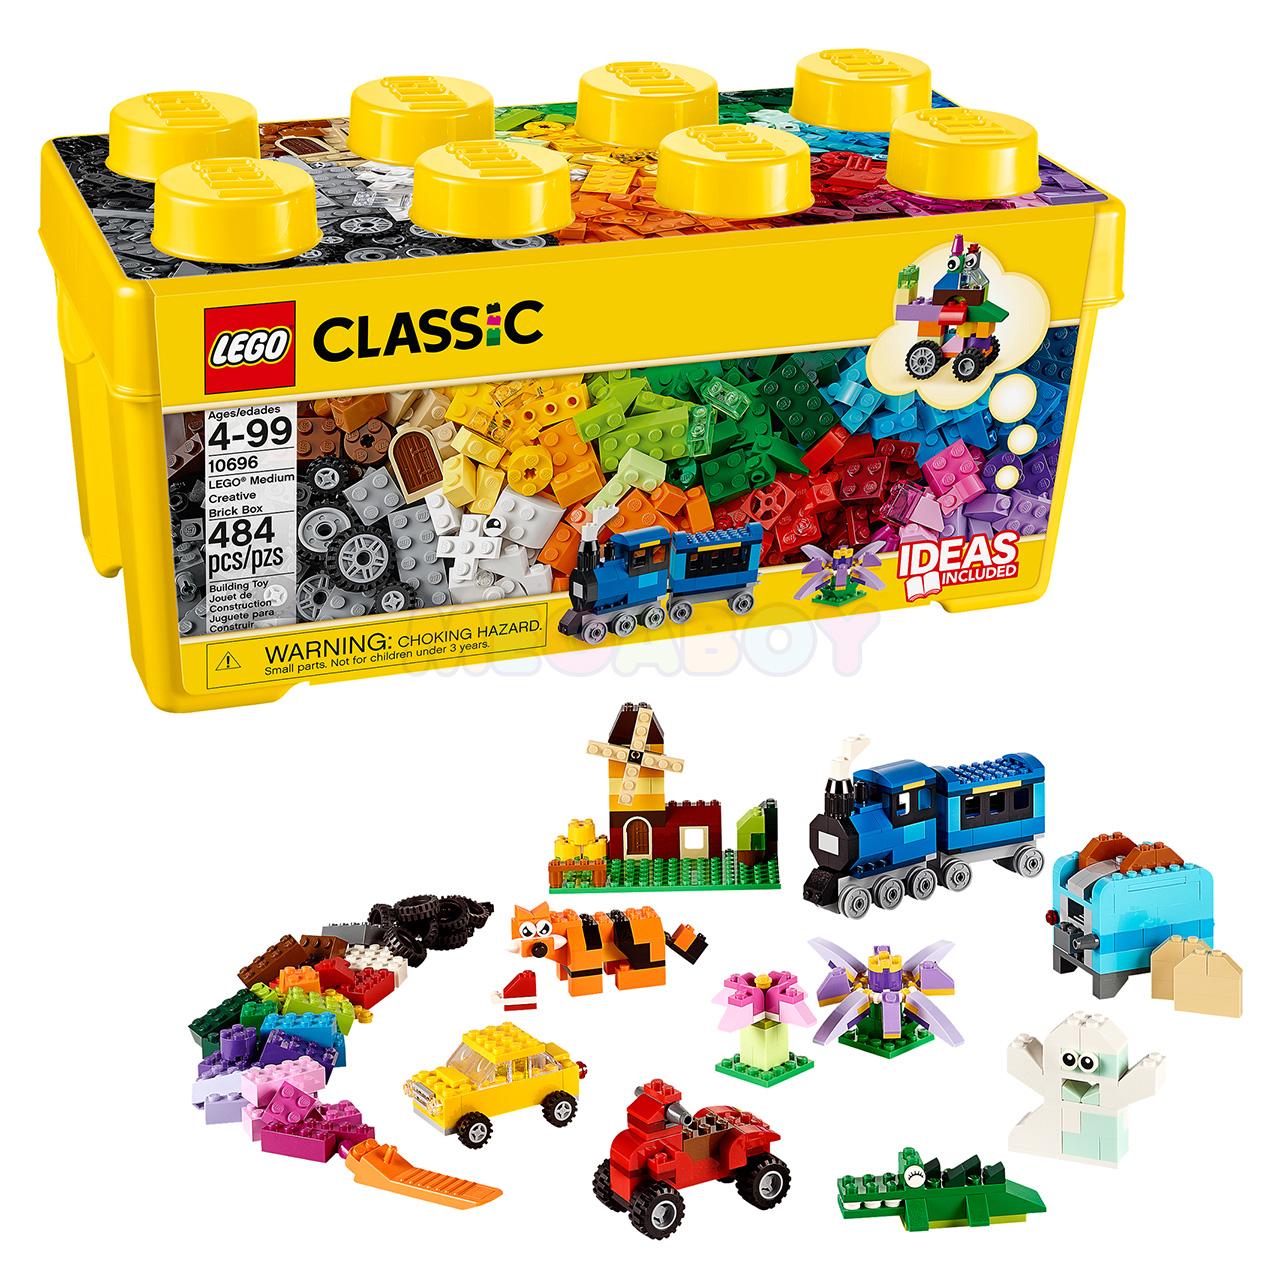 Lego classic 10696 набор для творчества конструктор